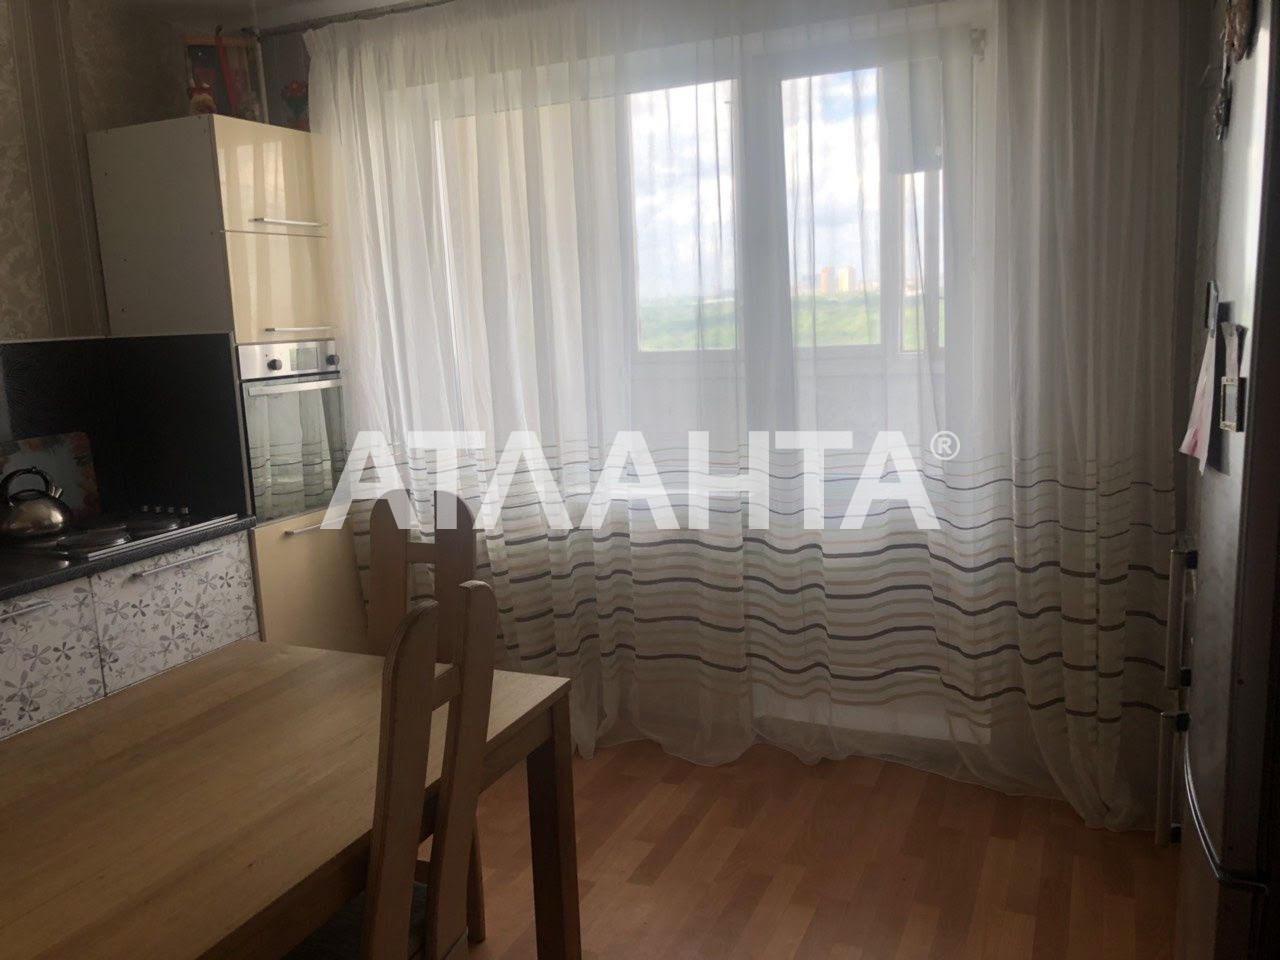 Продается 2-комнатная Квартира на ул. Проспект Науки — 85 000 у.е. (фото №4)